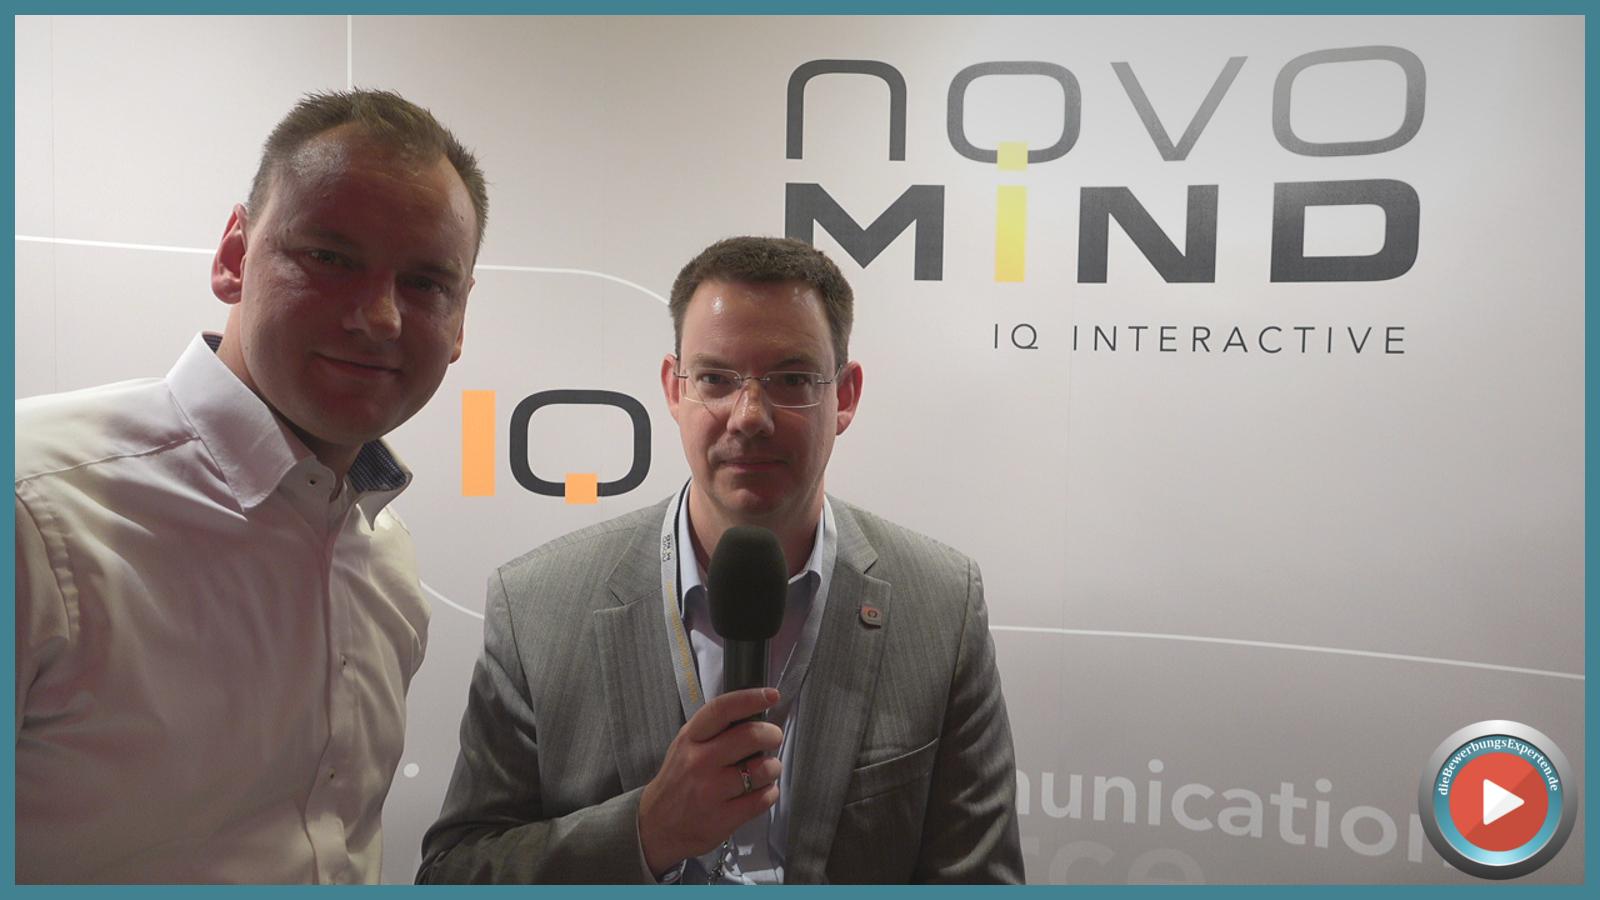 Bei der novomind AG ist die Bewerbung zur Chefsache erklärt. Vorstand Stefan Grieben teilt seine Erfahrungen mit uns!